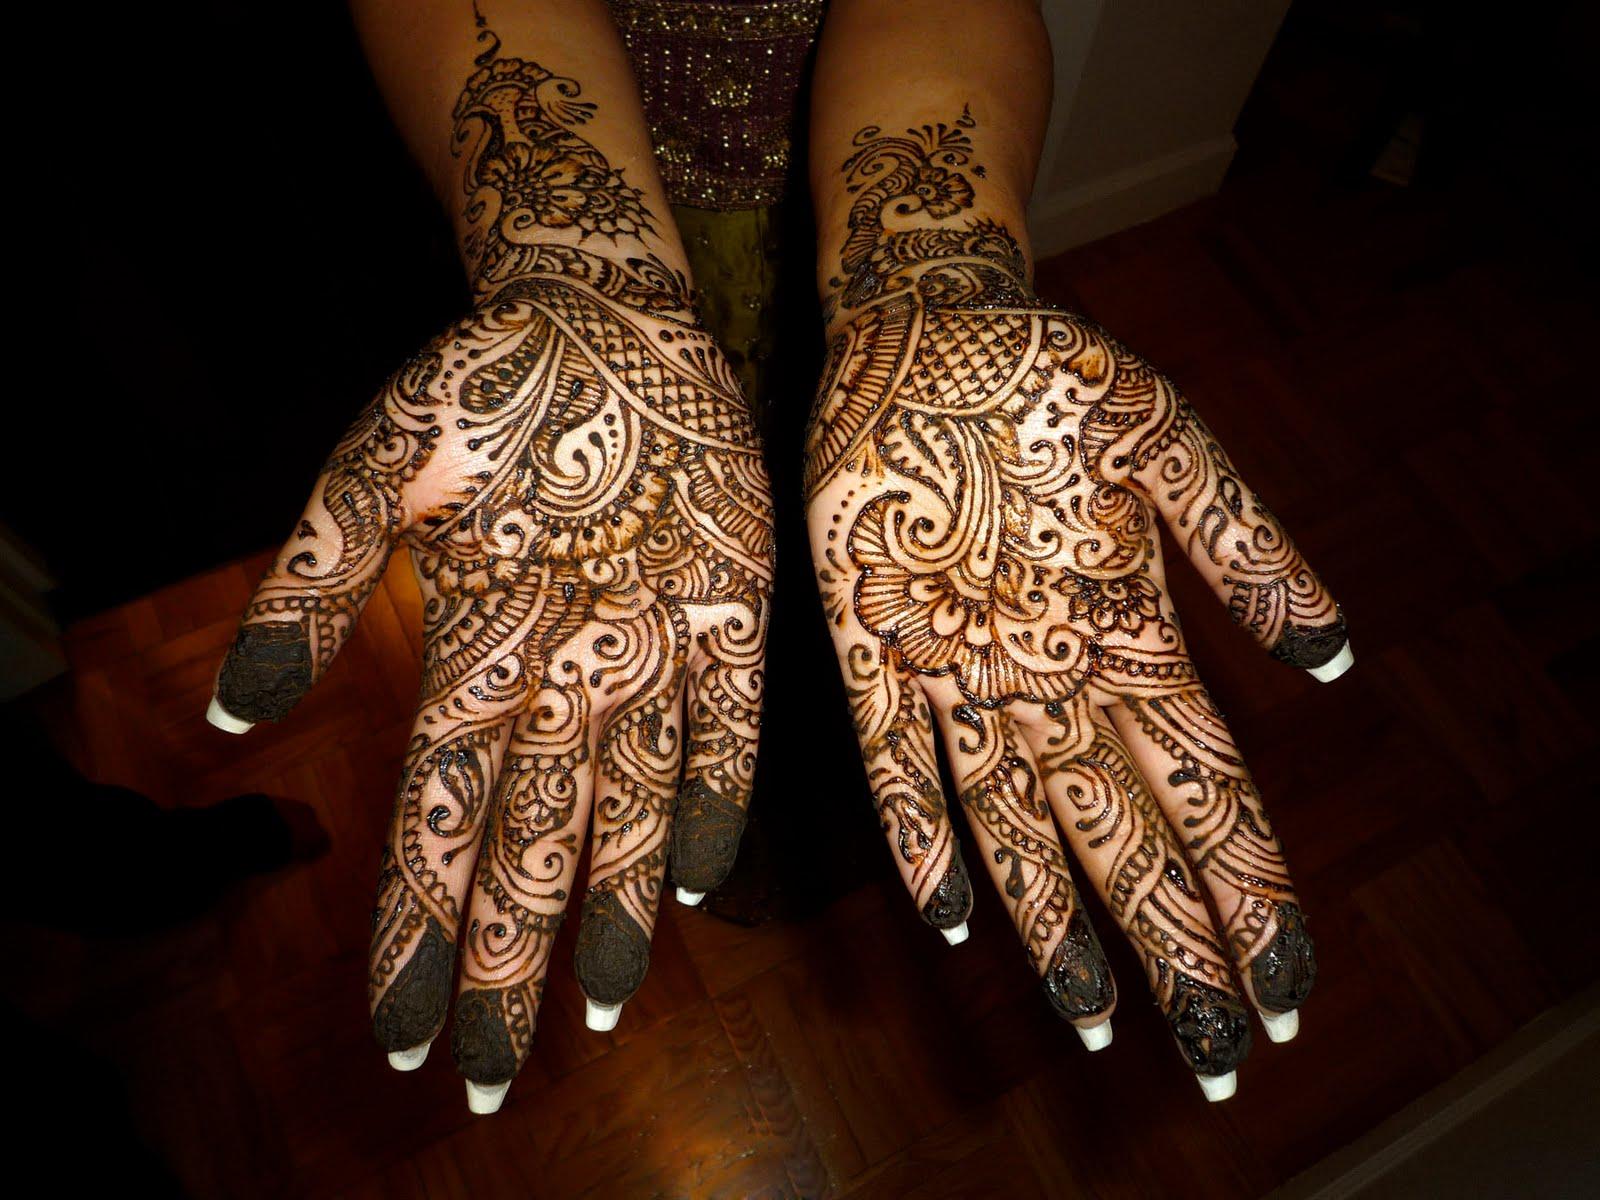 Mehndi Designs Mehndi Design : Itsmehndi indian mehndi designs